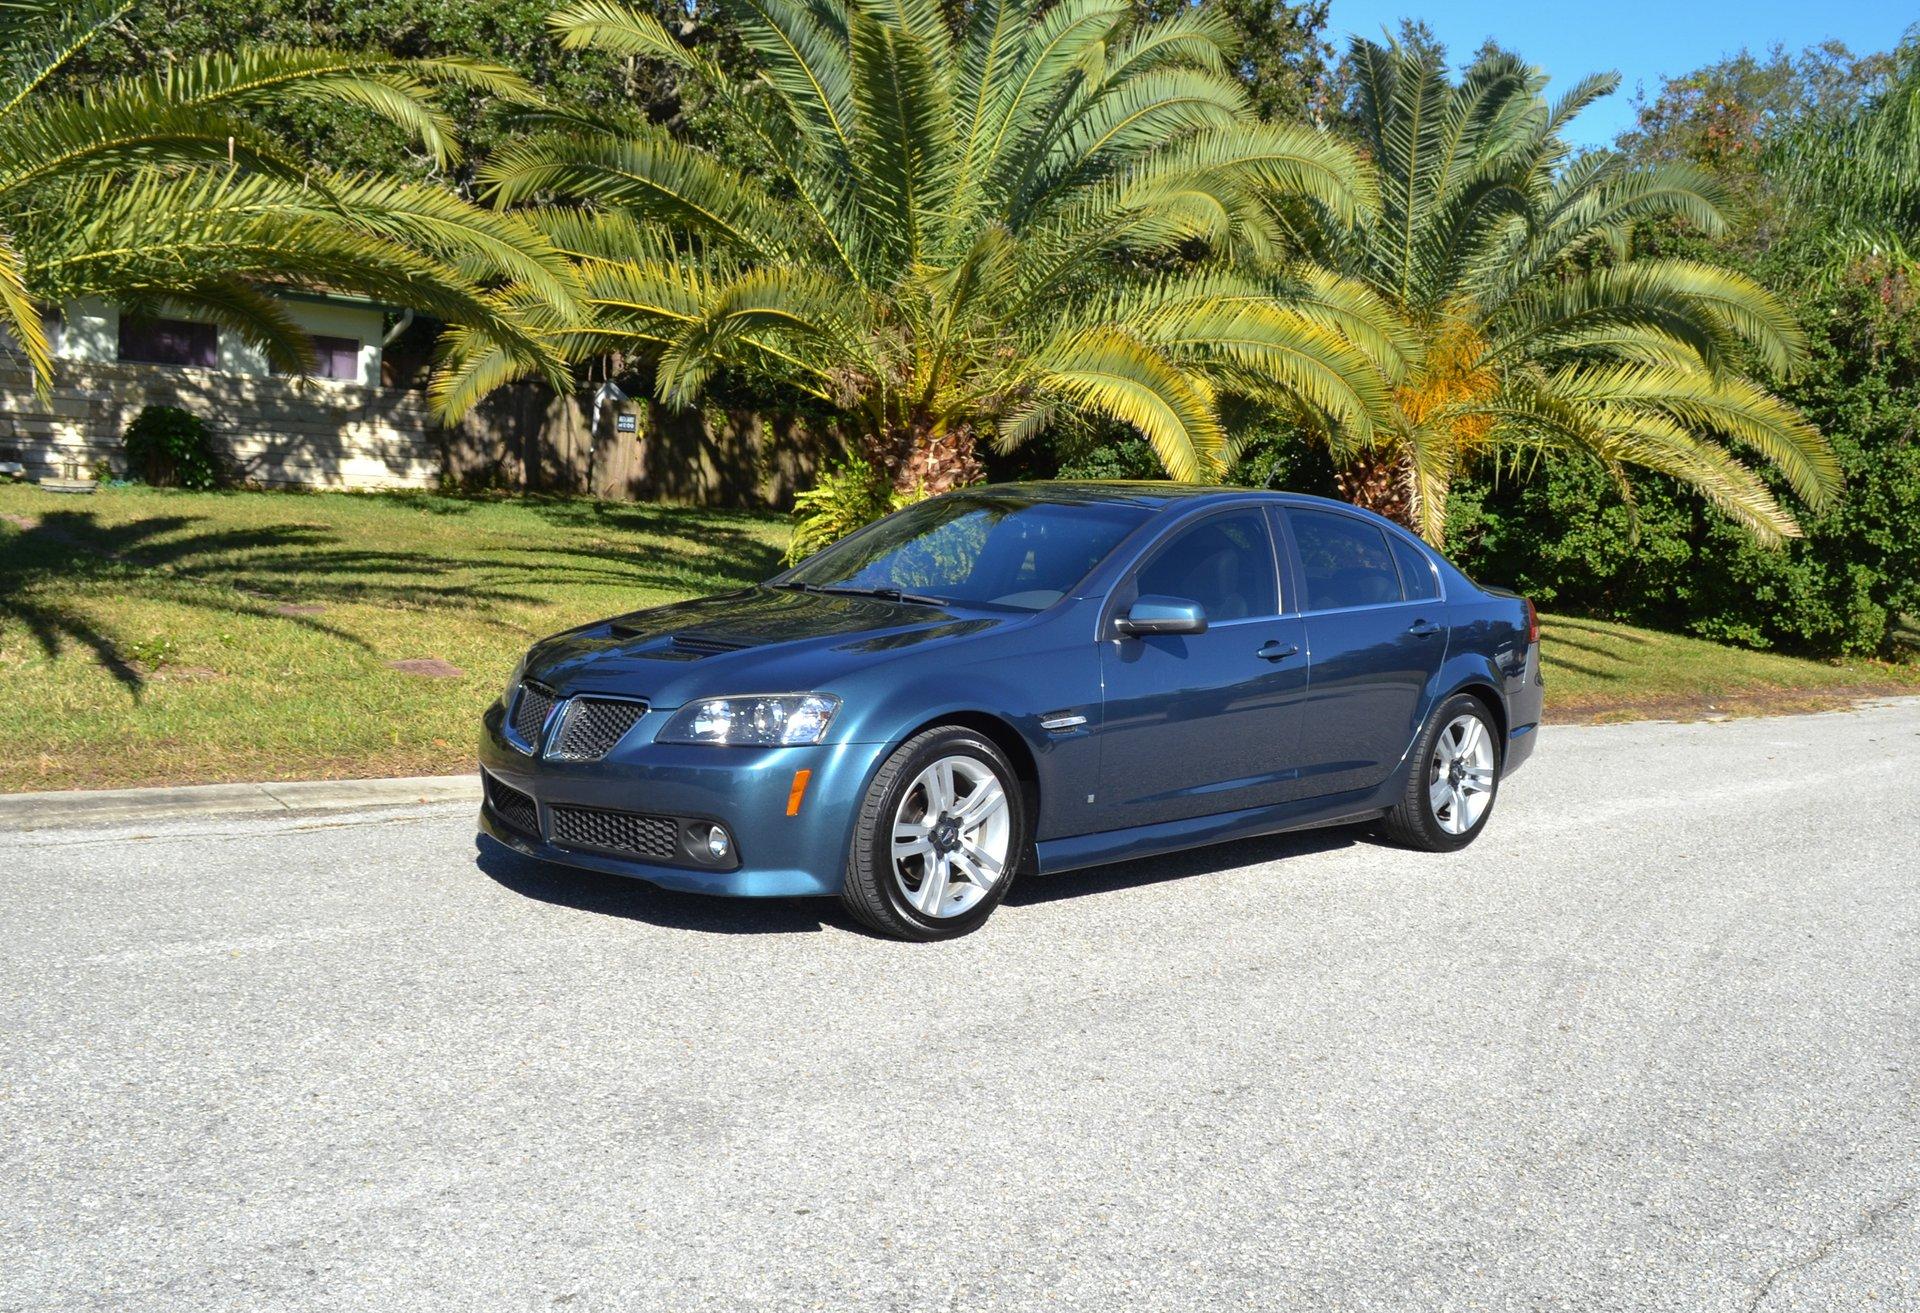 2009 Pontiac G8 For Sale 110031 Mcg